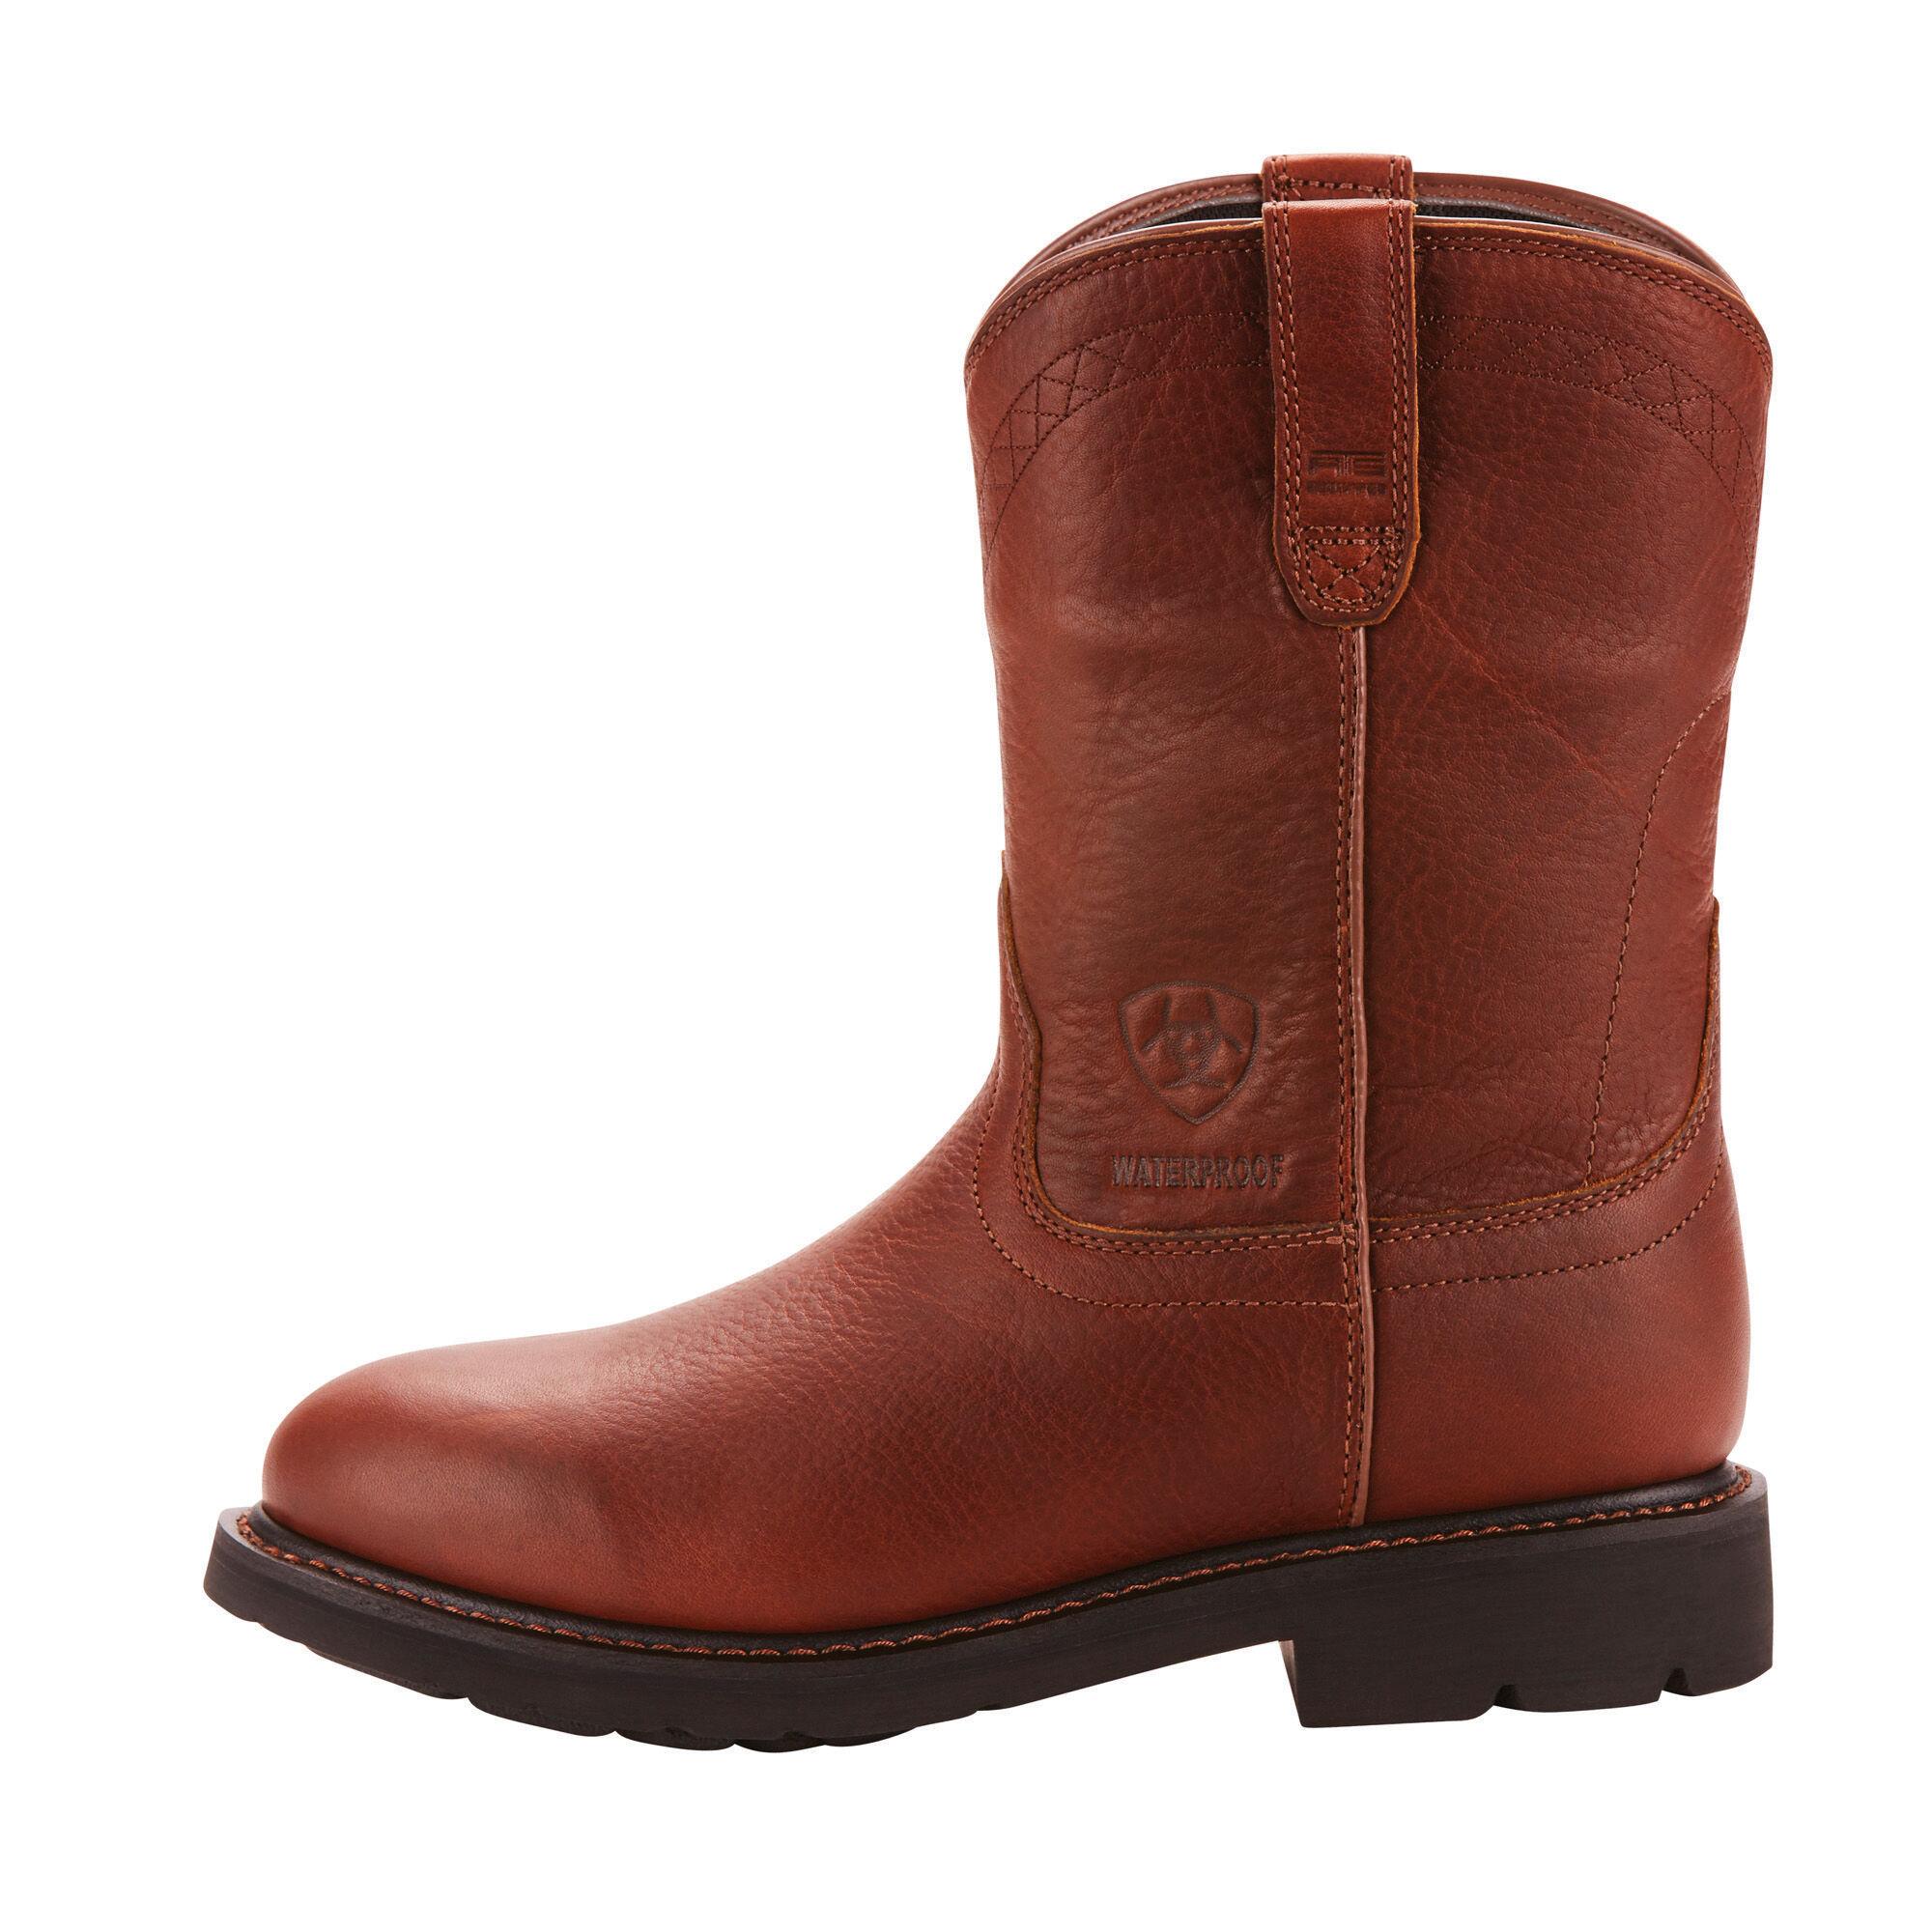 Sierra Waterproof Work Boot | Ariat